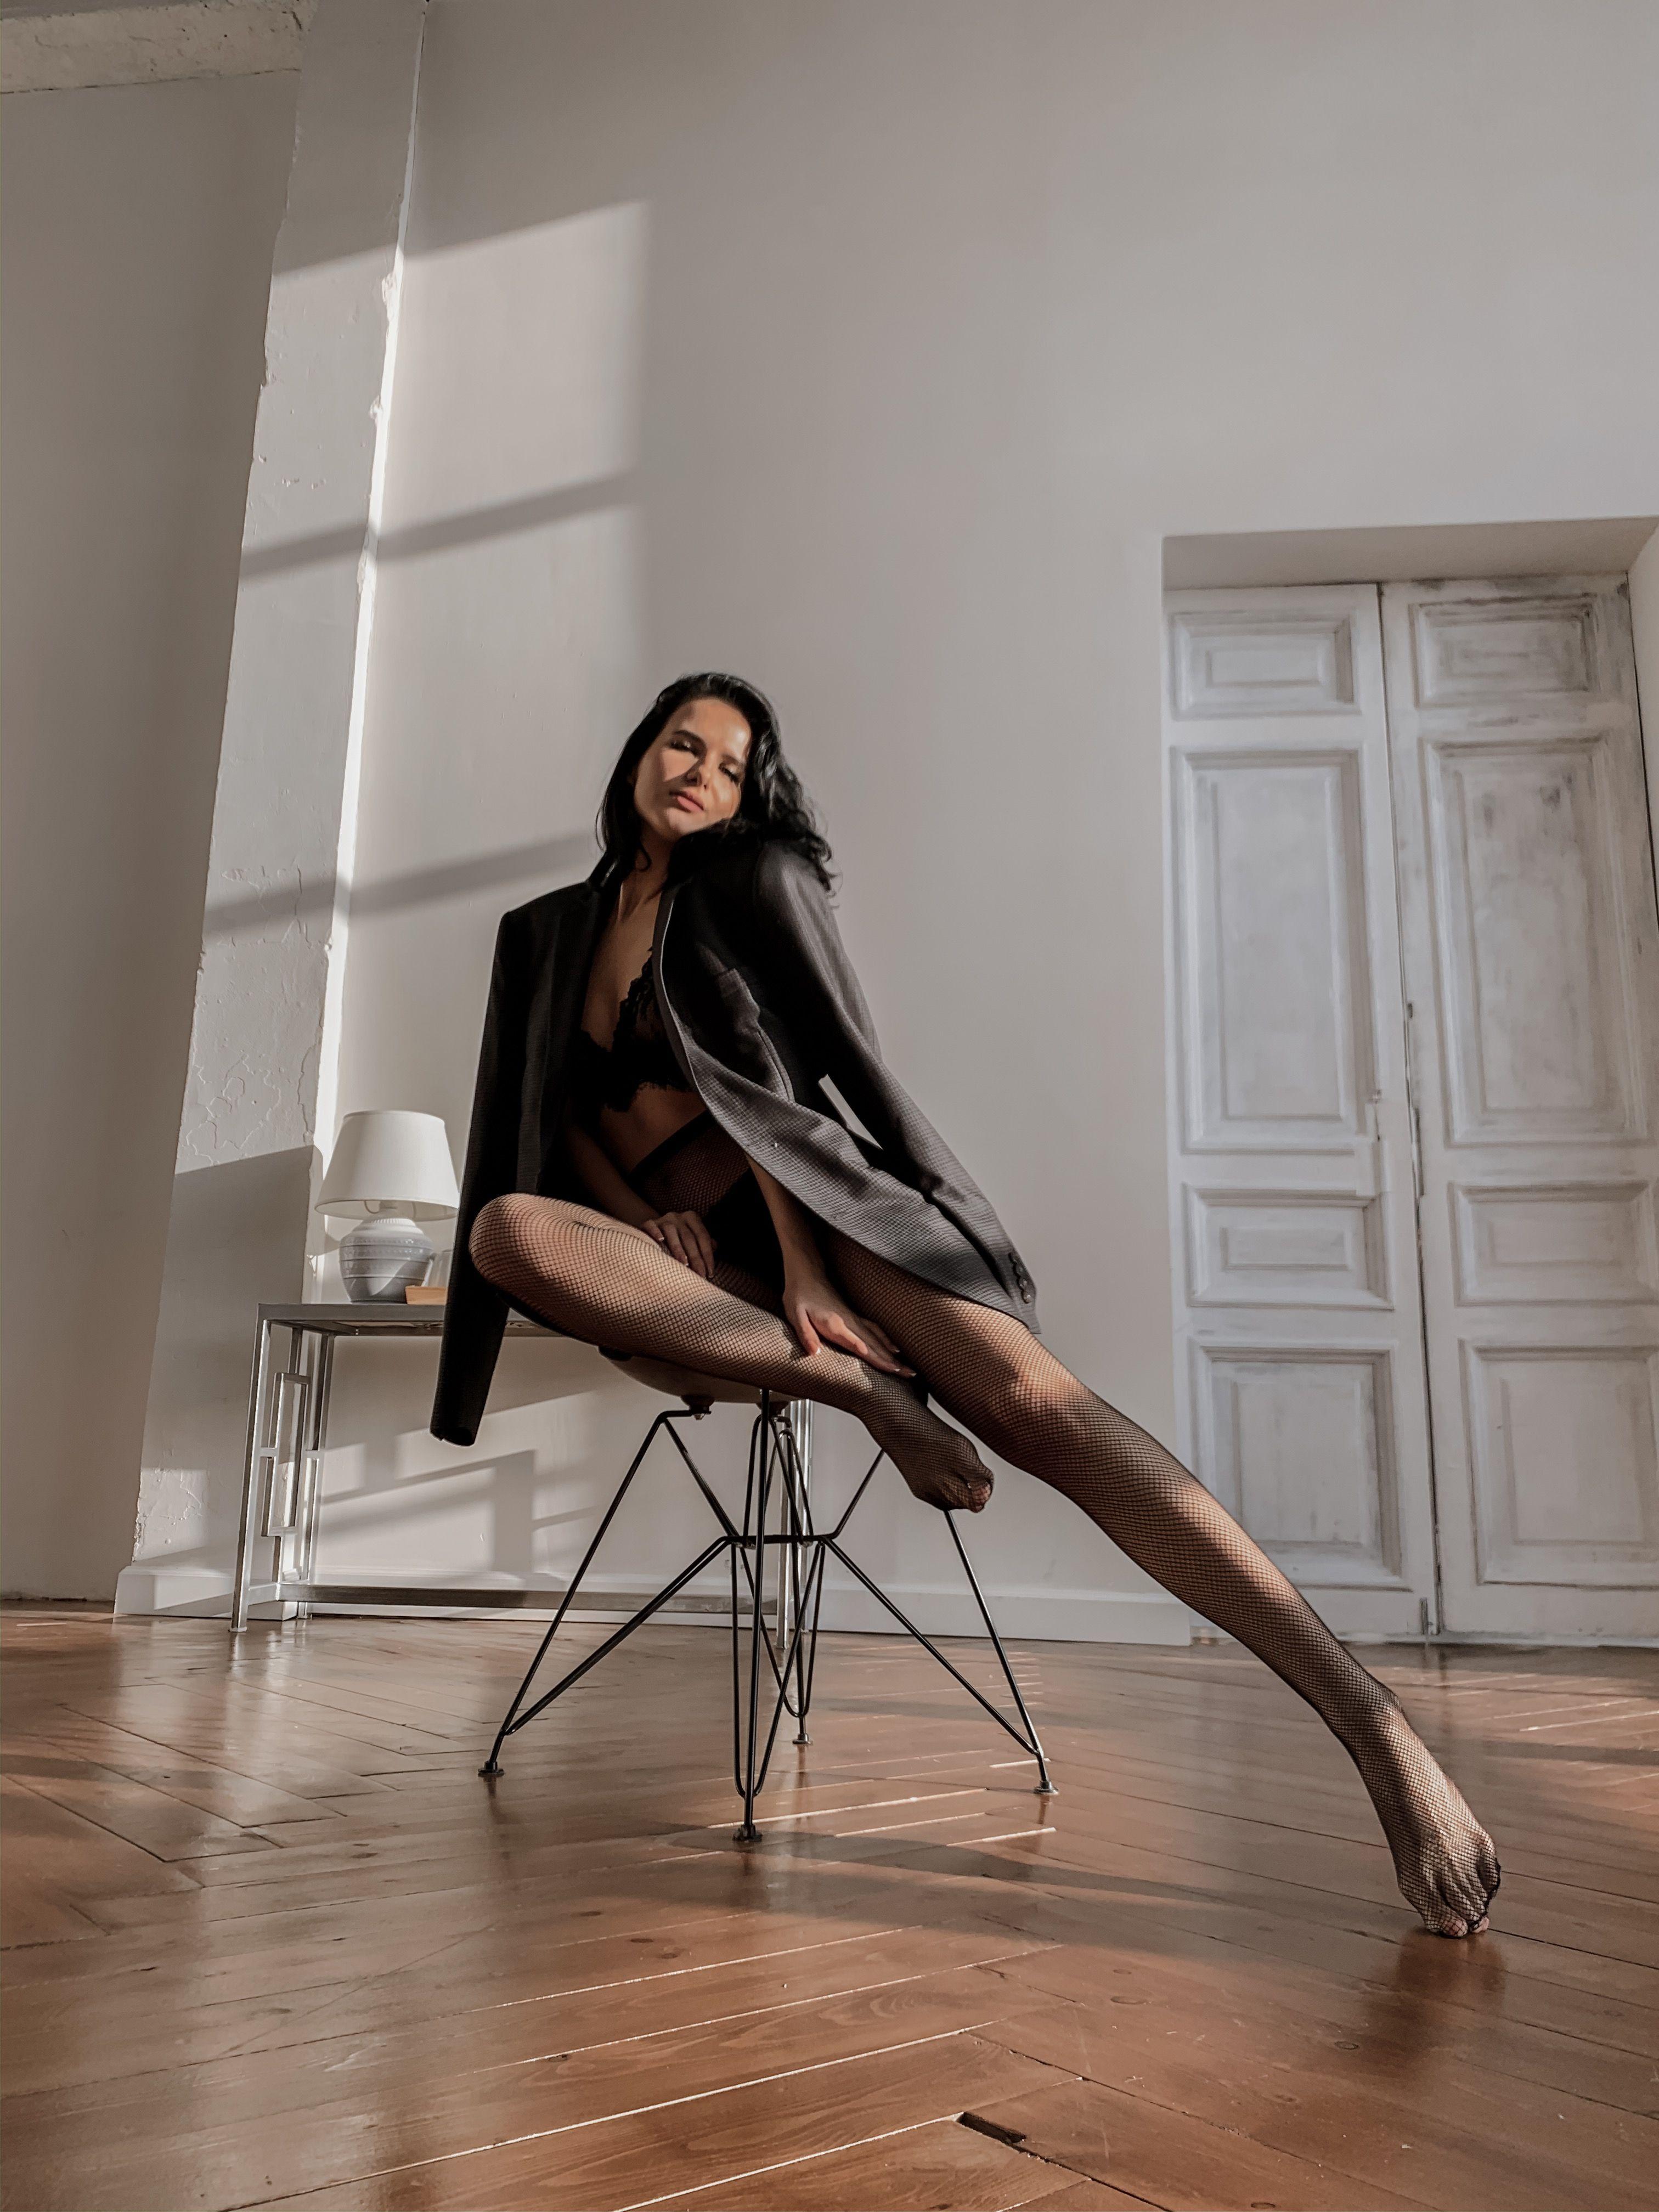 Модели для фотографов ральф лорен эндрю лорен